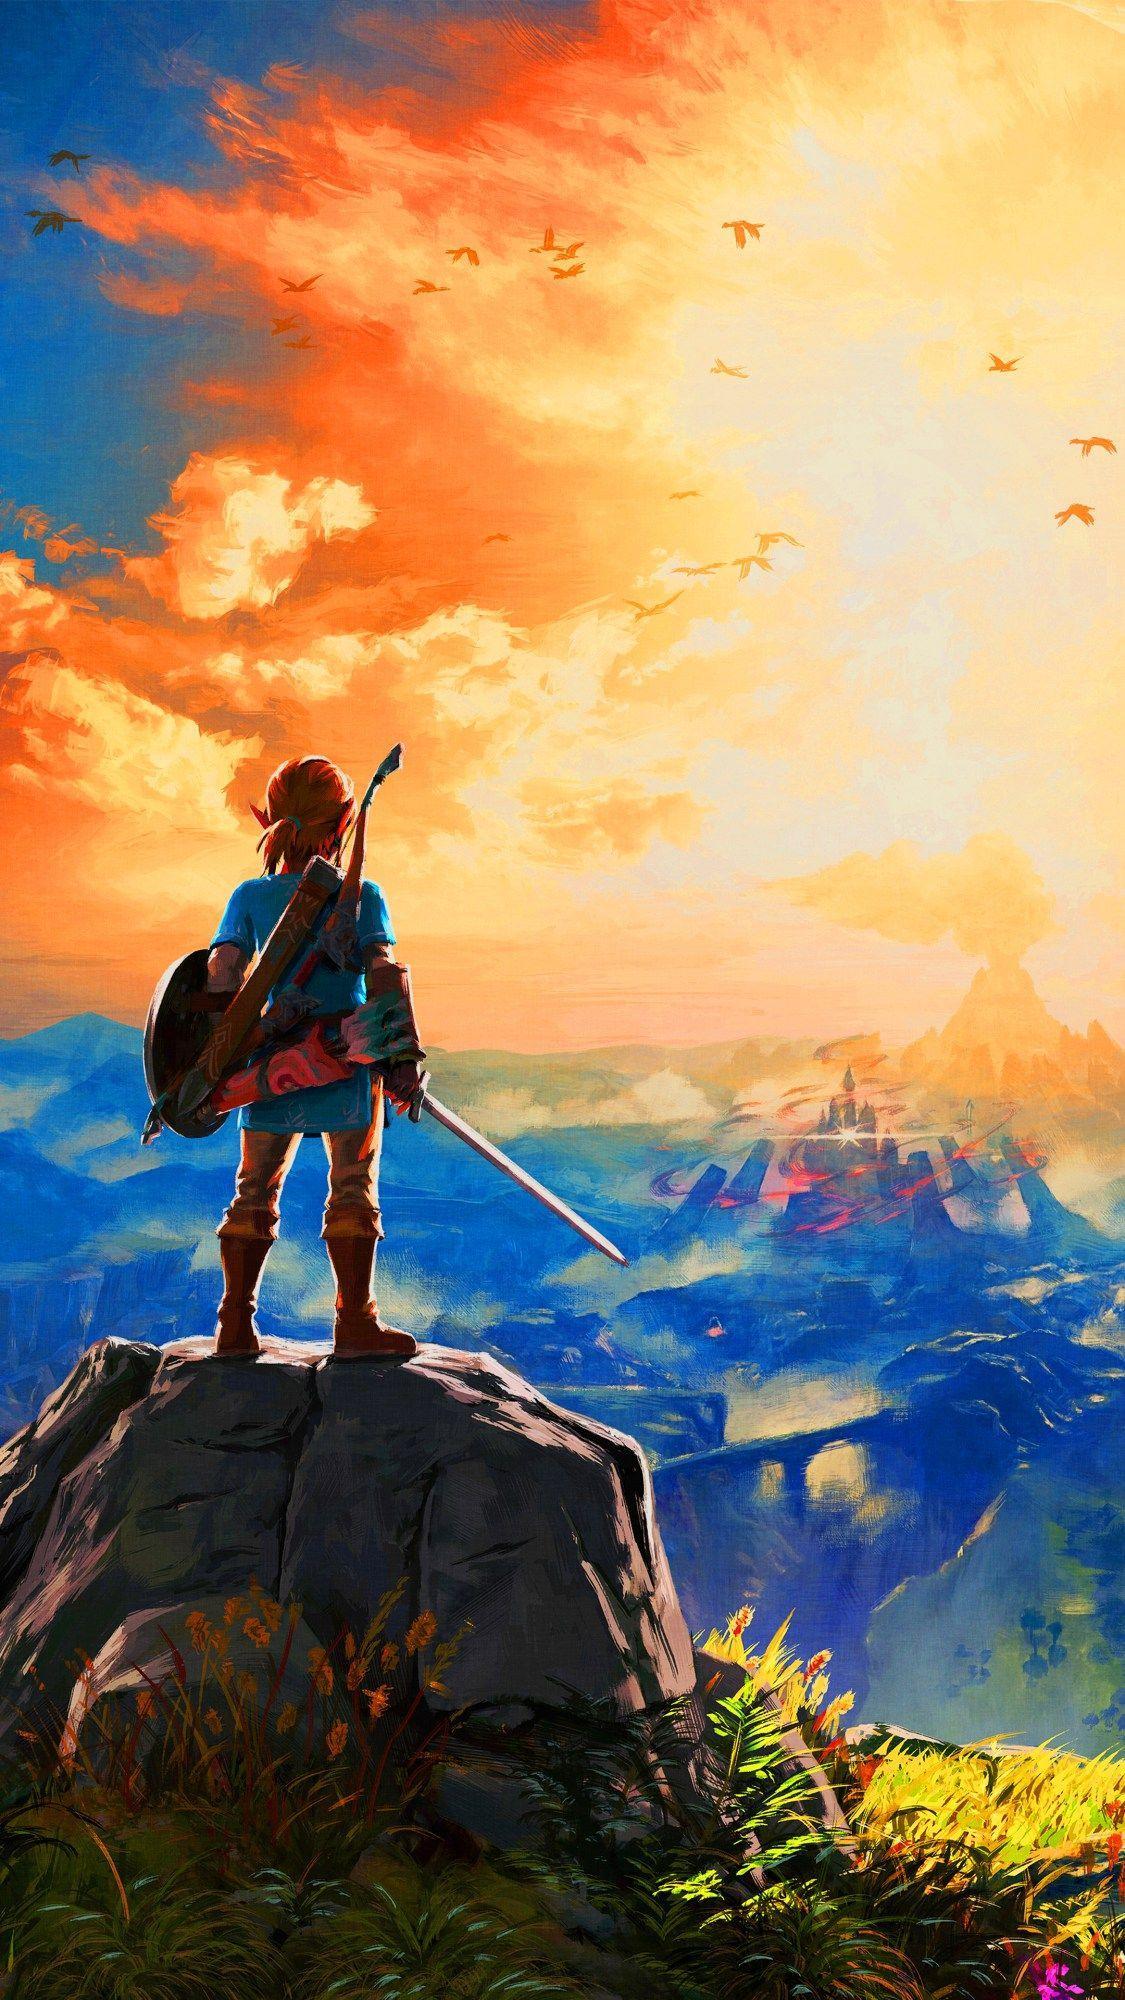 Zelda Phone Wallpapers Top Free Zelda Phone Backgrounds